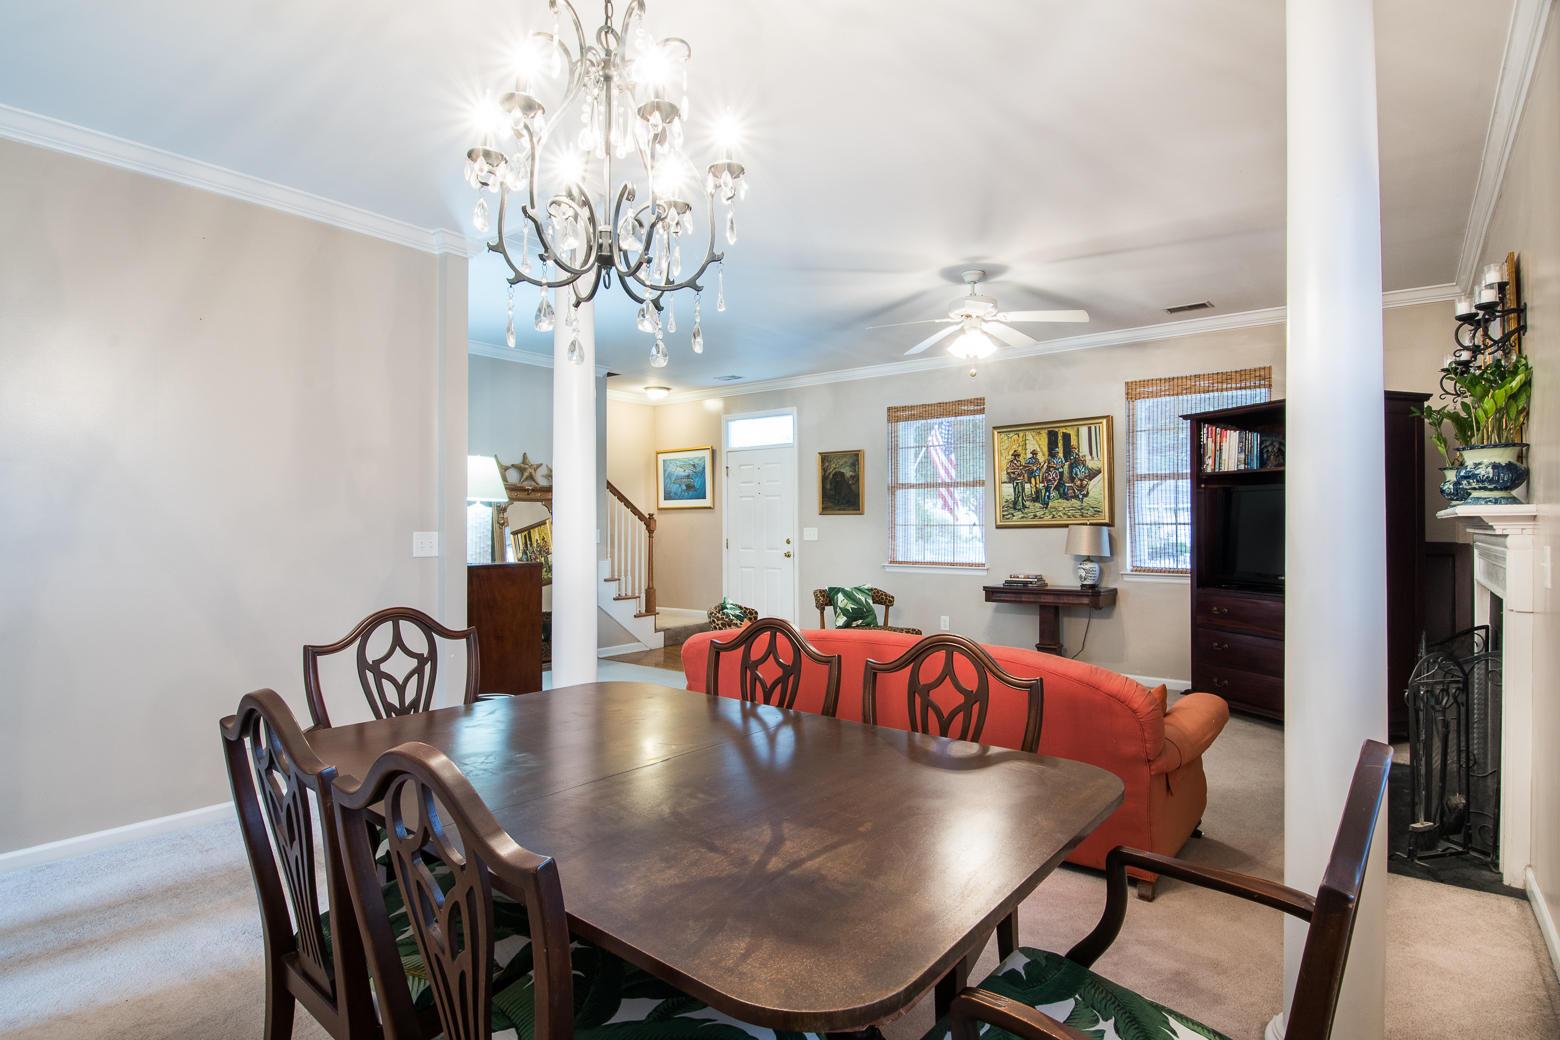 Jamestowne Village Homes For Sale - 1445 Swamp Fox, Charleston, SC - 8